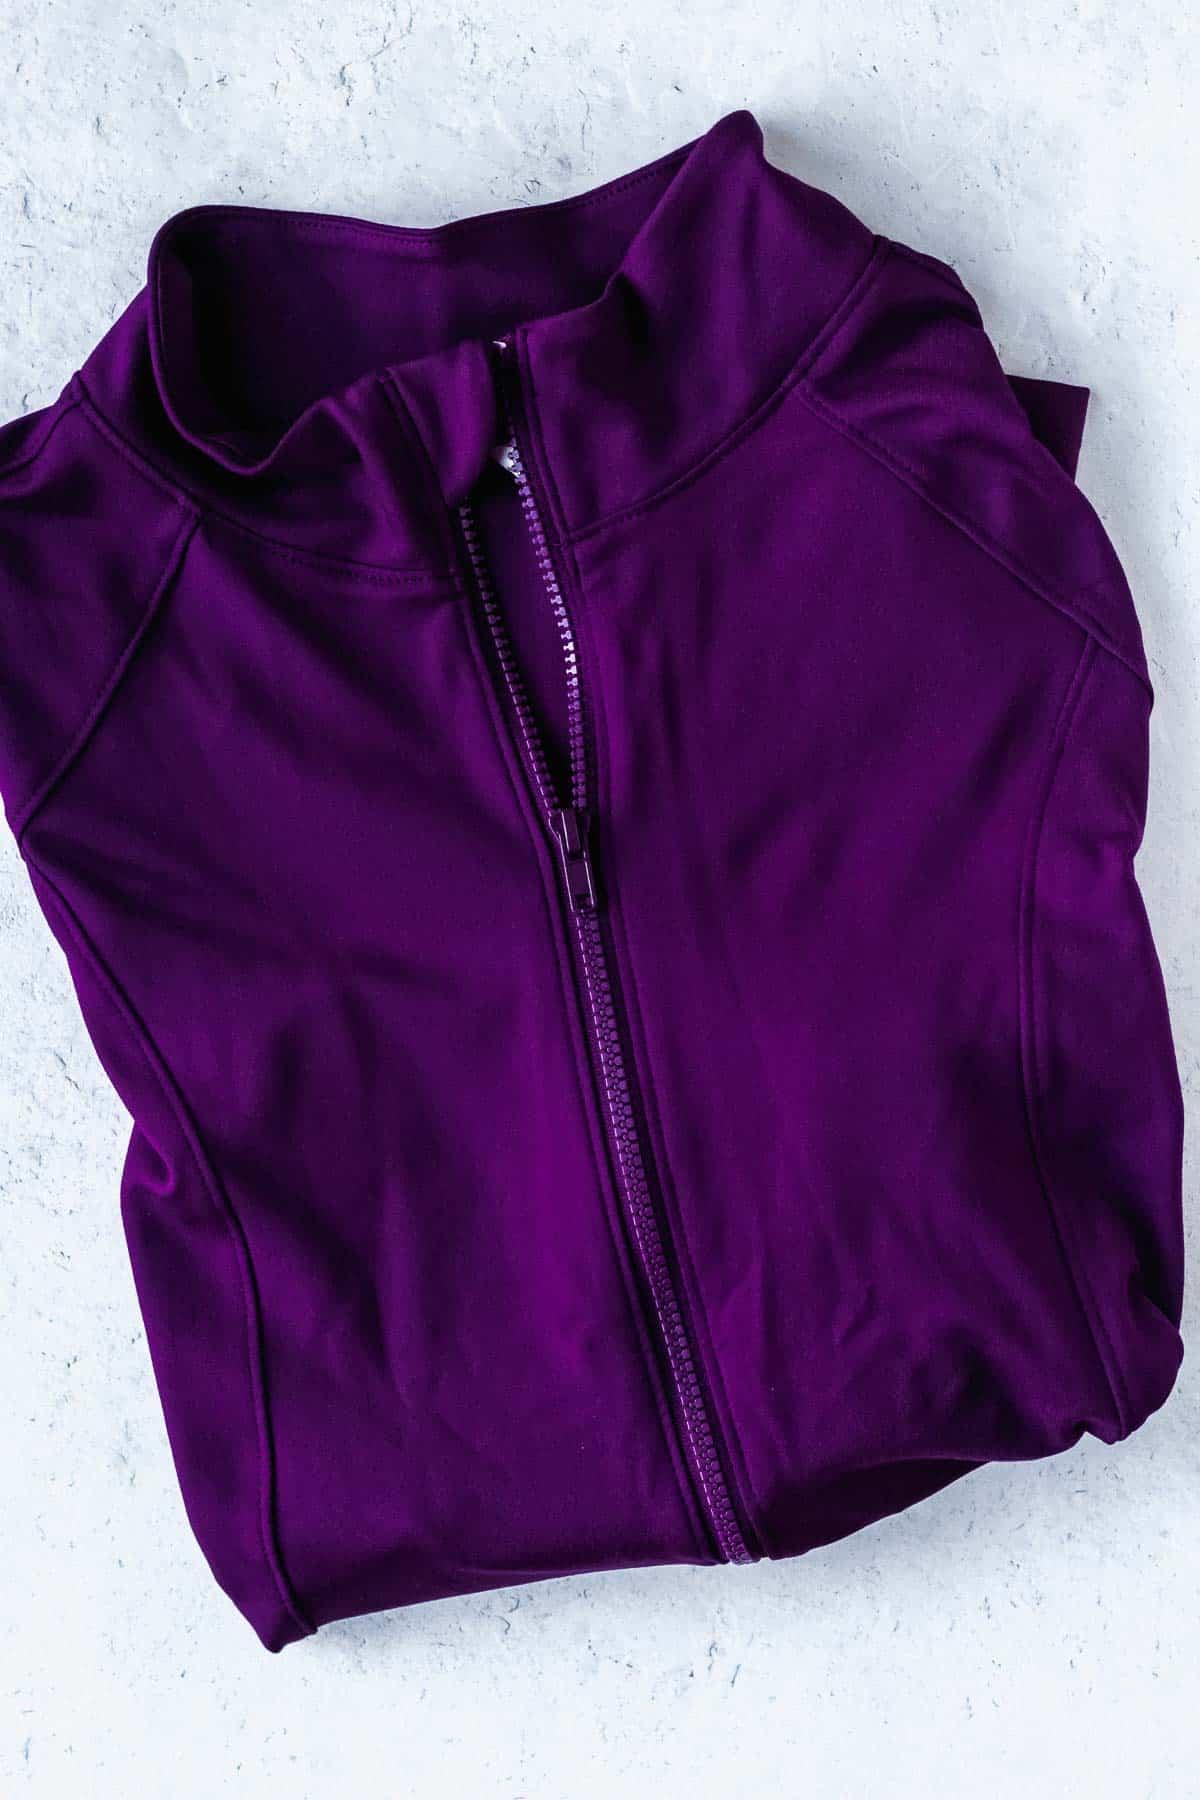 purple marika mabel jackets folded on a white background